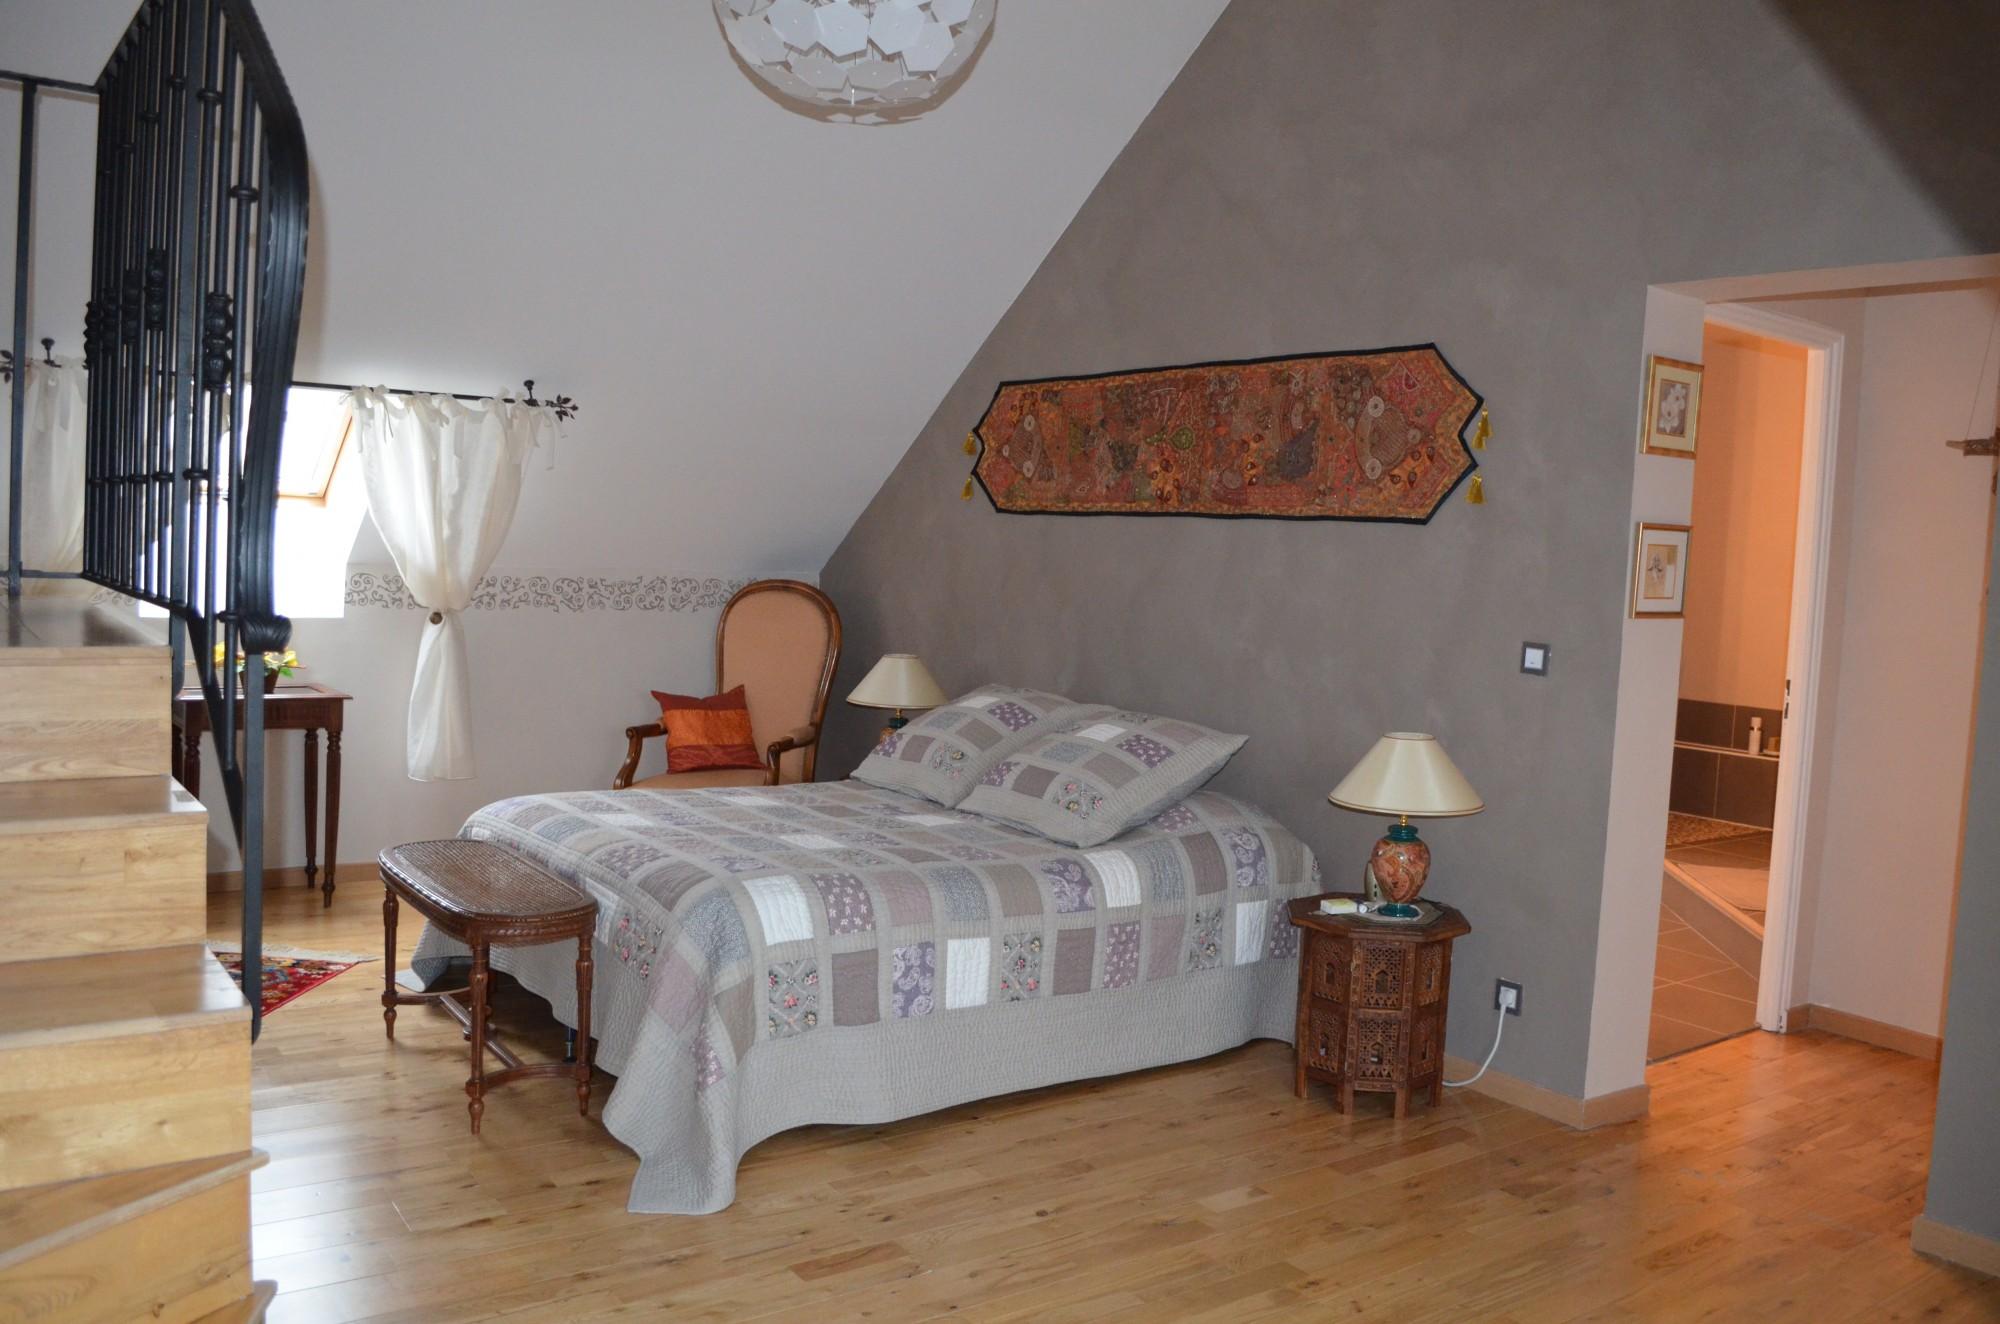 ventes corps de ferme enti rement renove t7 f7 epone charme de l 39 ancien maisons et patrimoine. Black Bedroom Furniture Sets. Home Design Ideas